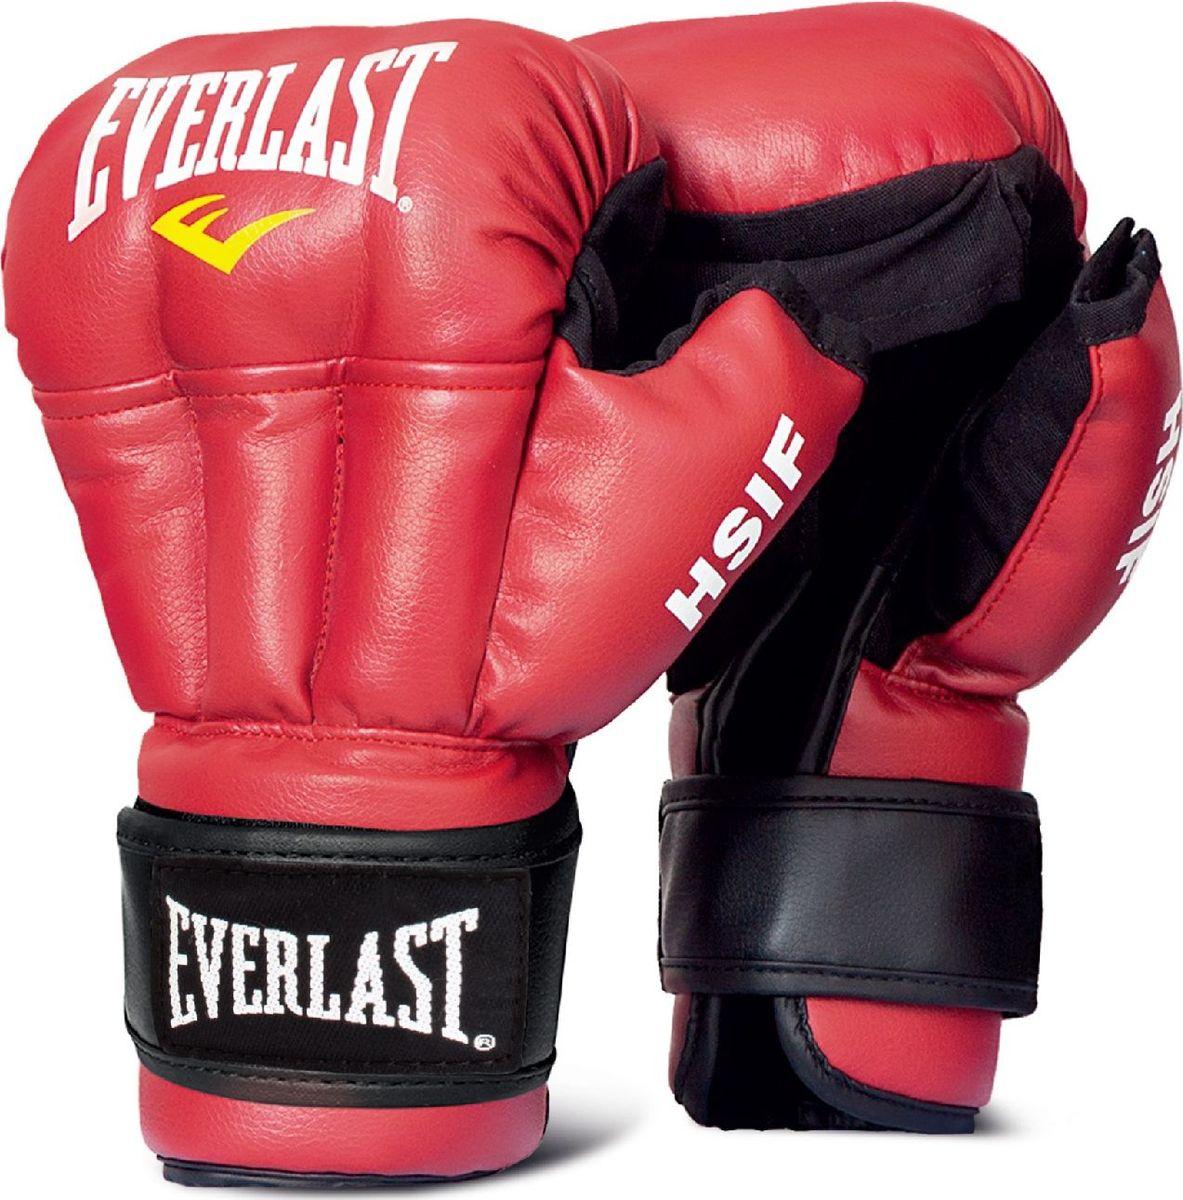 Перчатки для единоборств Everlast HSIF Leather, RF5112, красный, вес 12 унций